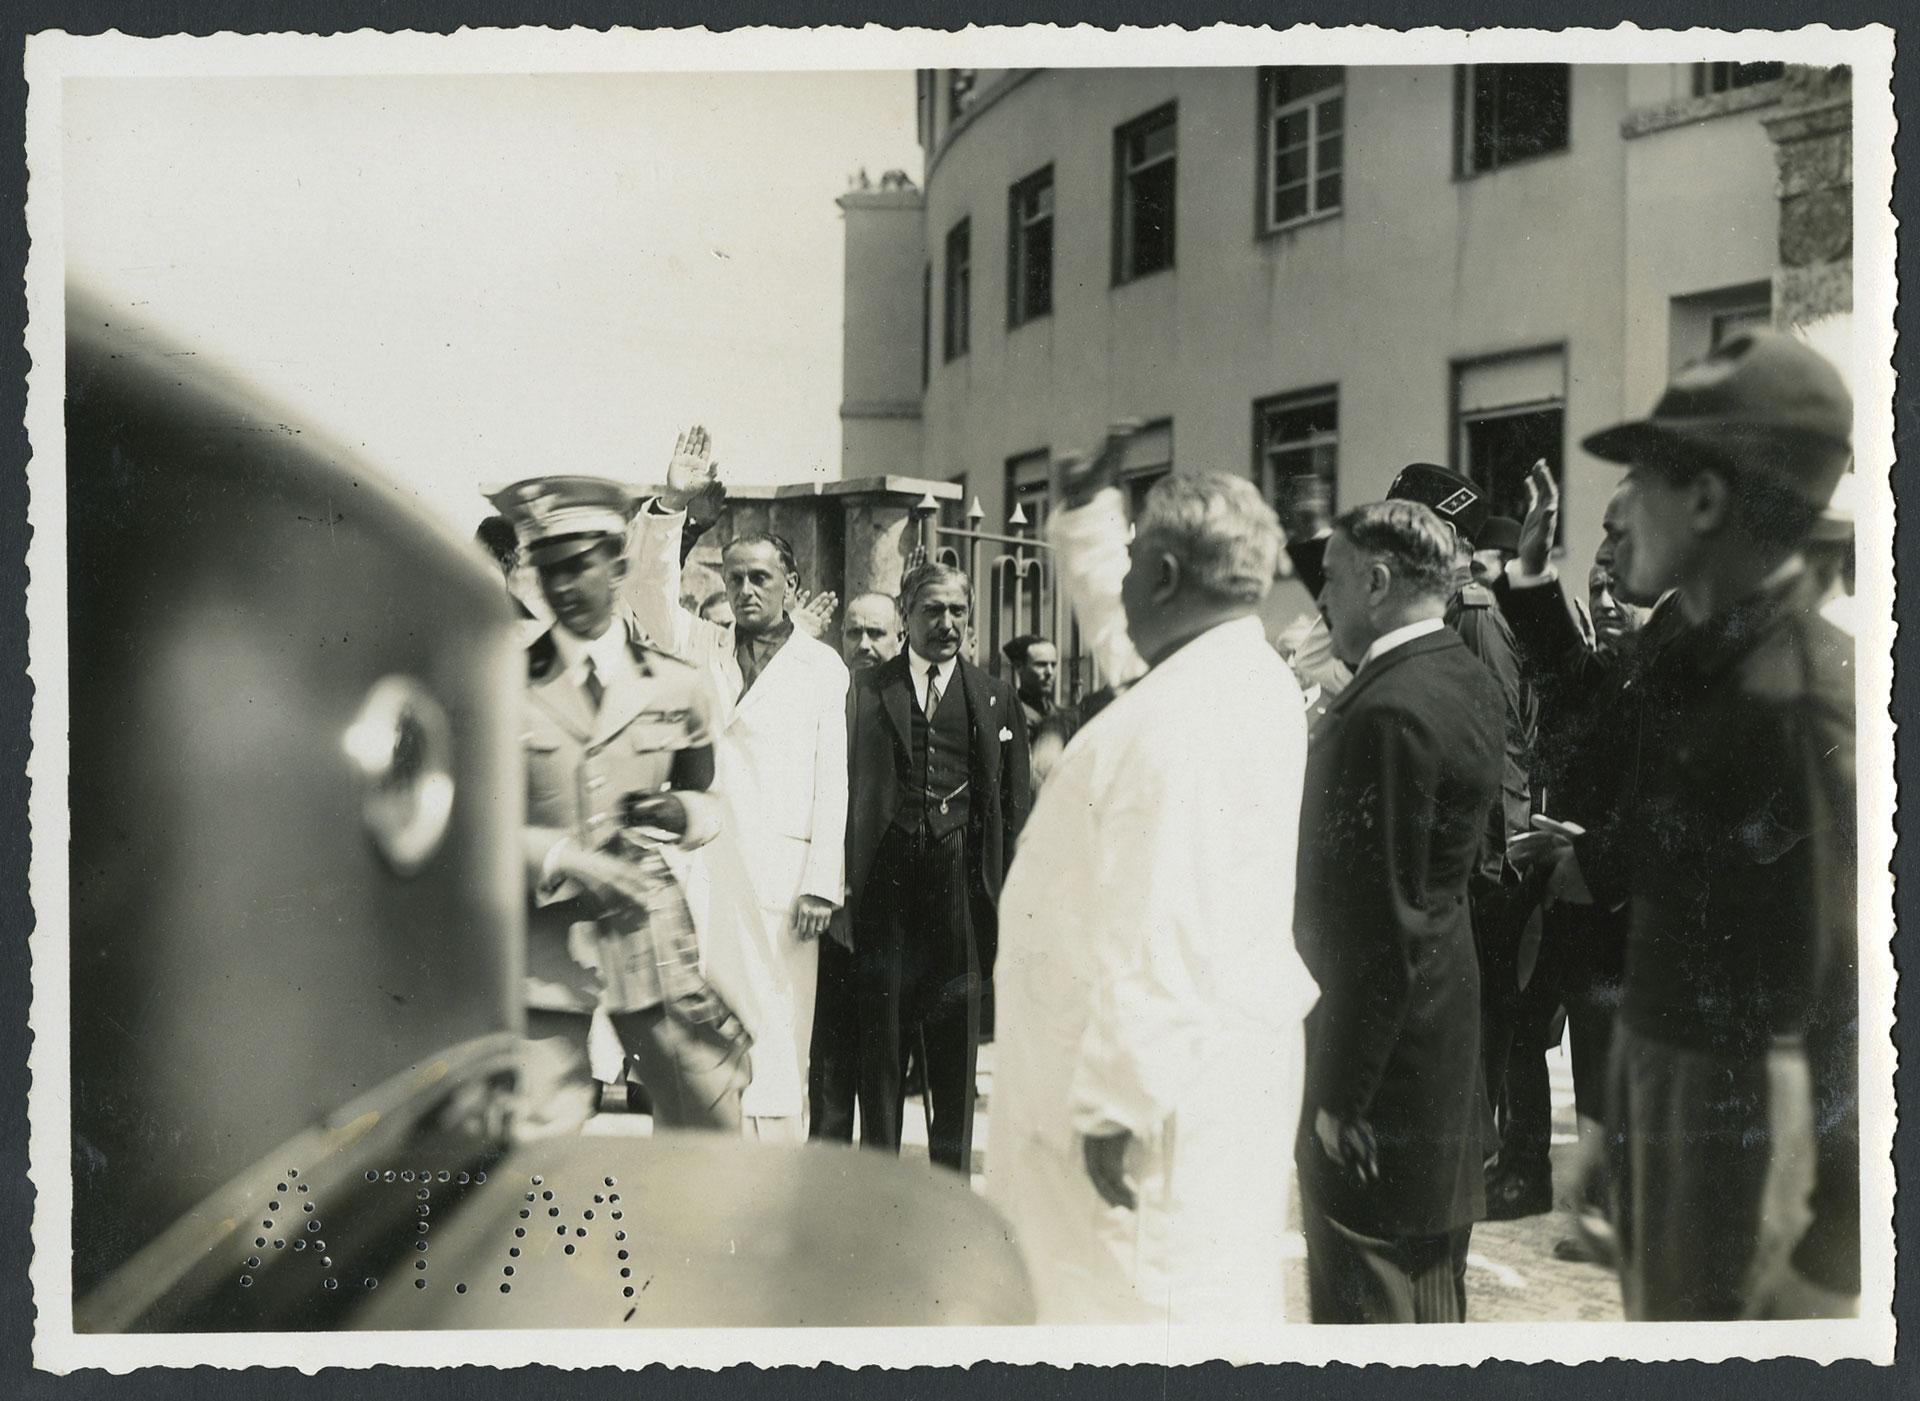 Visita di Umberto di Savoia Principe di Piemonte all'Ospedale XXVIII ottobre di Milano, 24 giugno 1934